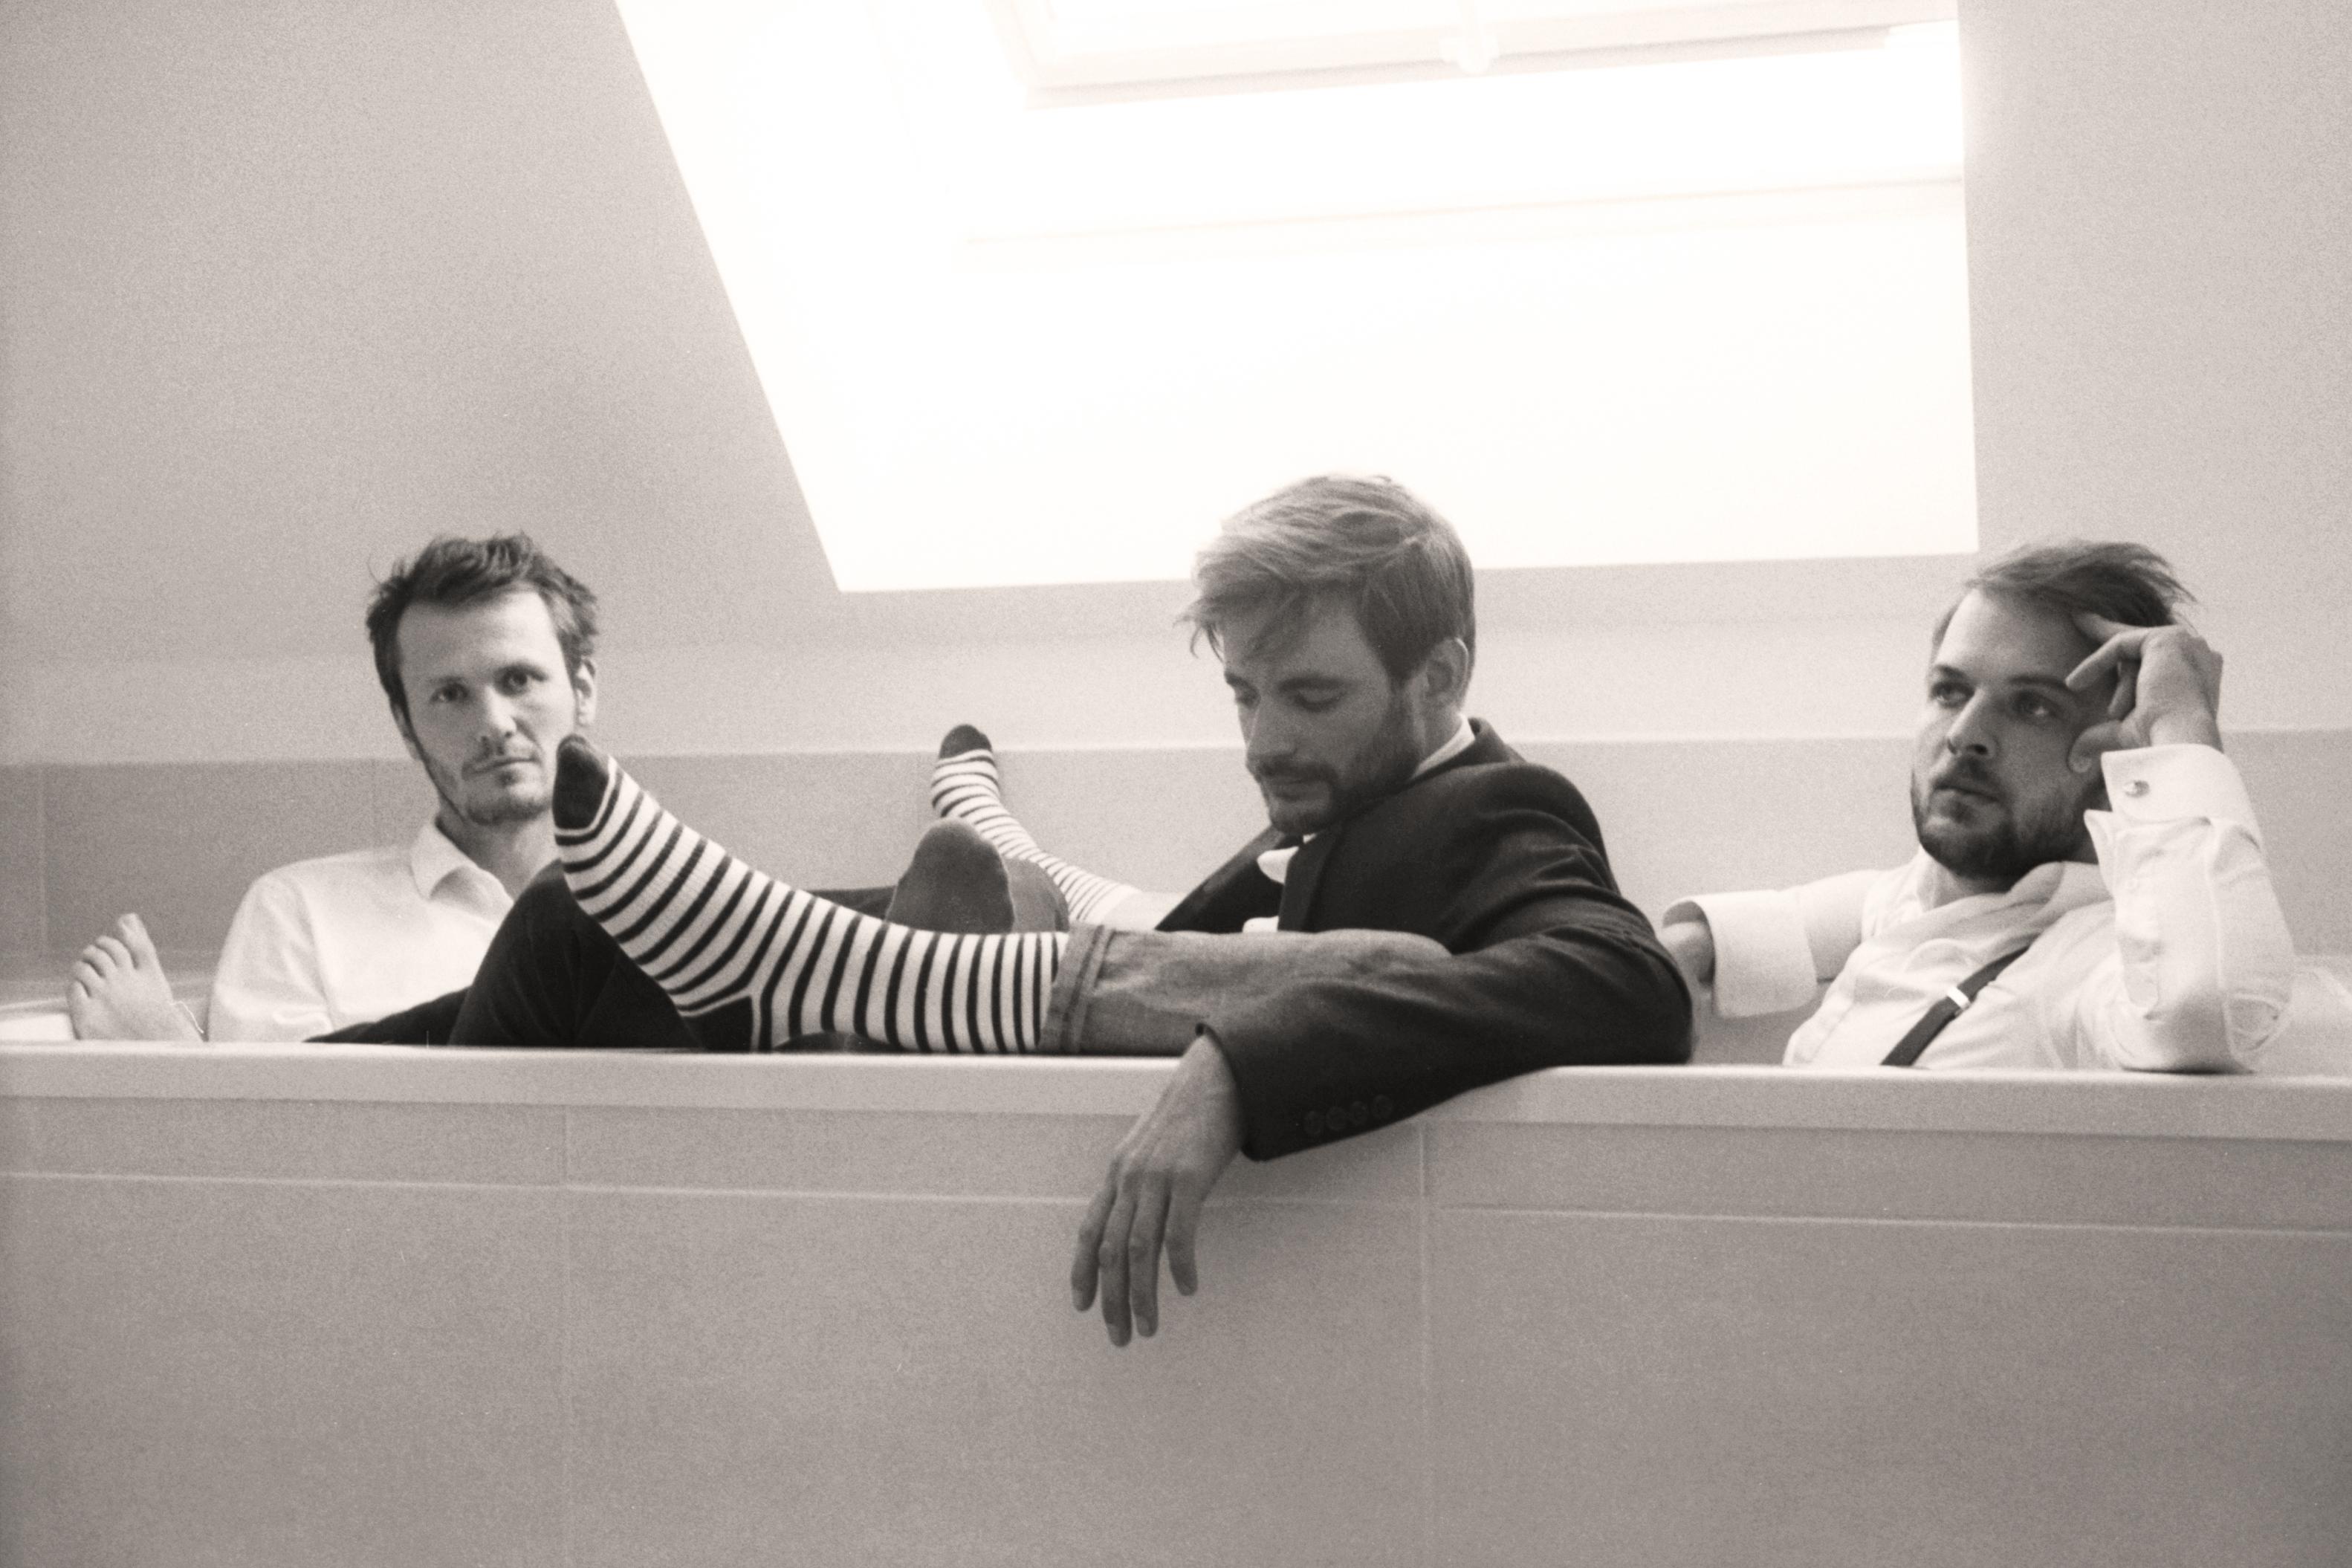 Hängen nun auch professionell ab: Singwald, Gmeiner und Frahm (v. links)Foto: Julia Soler